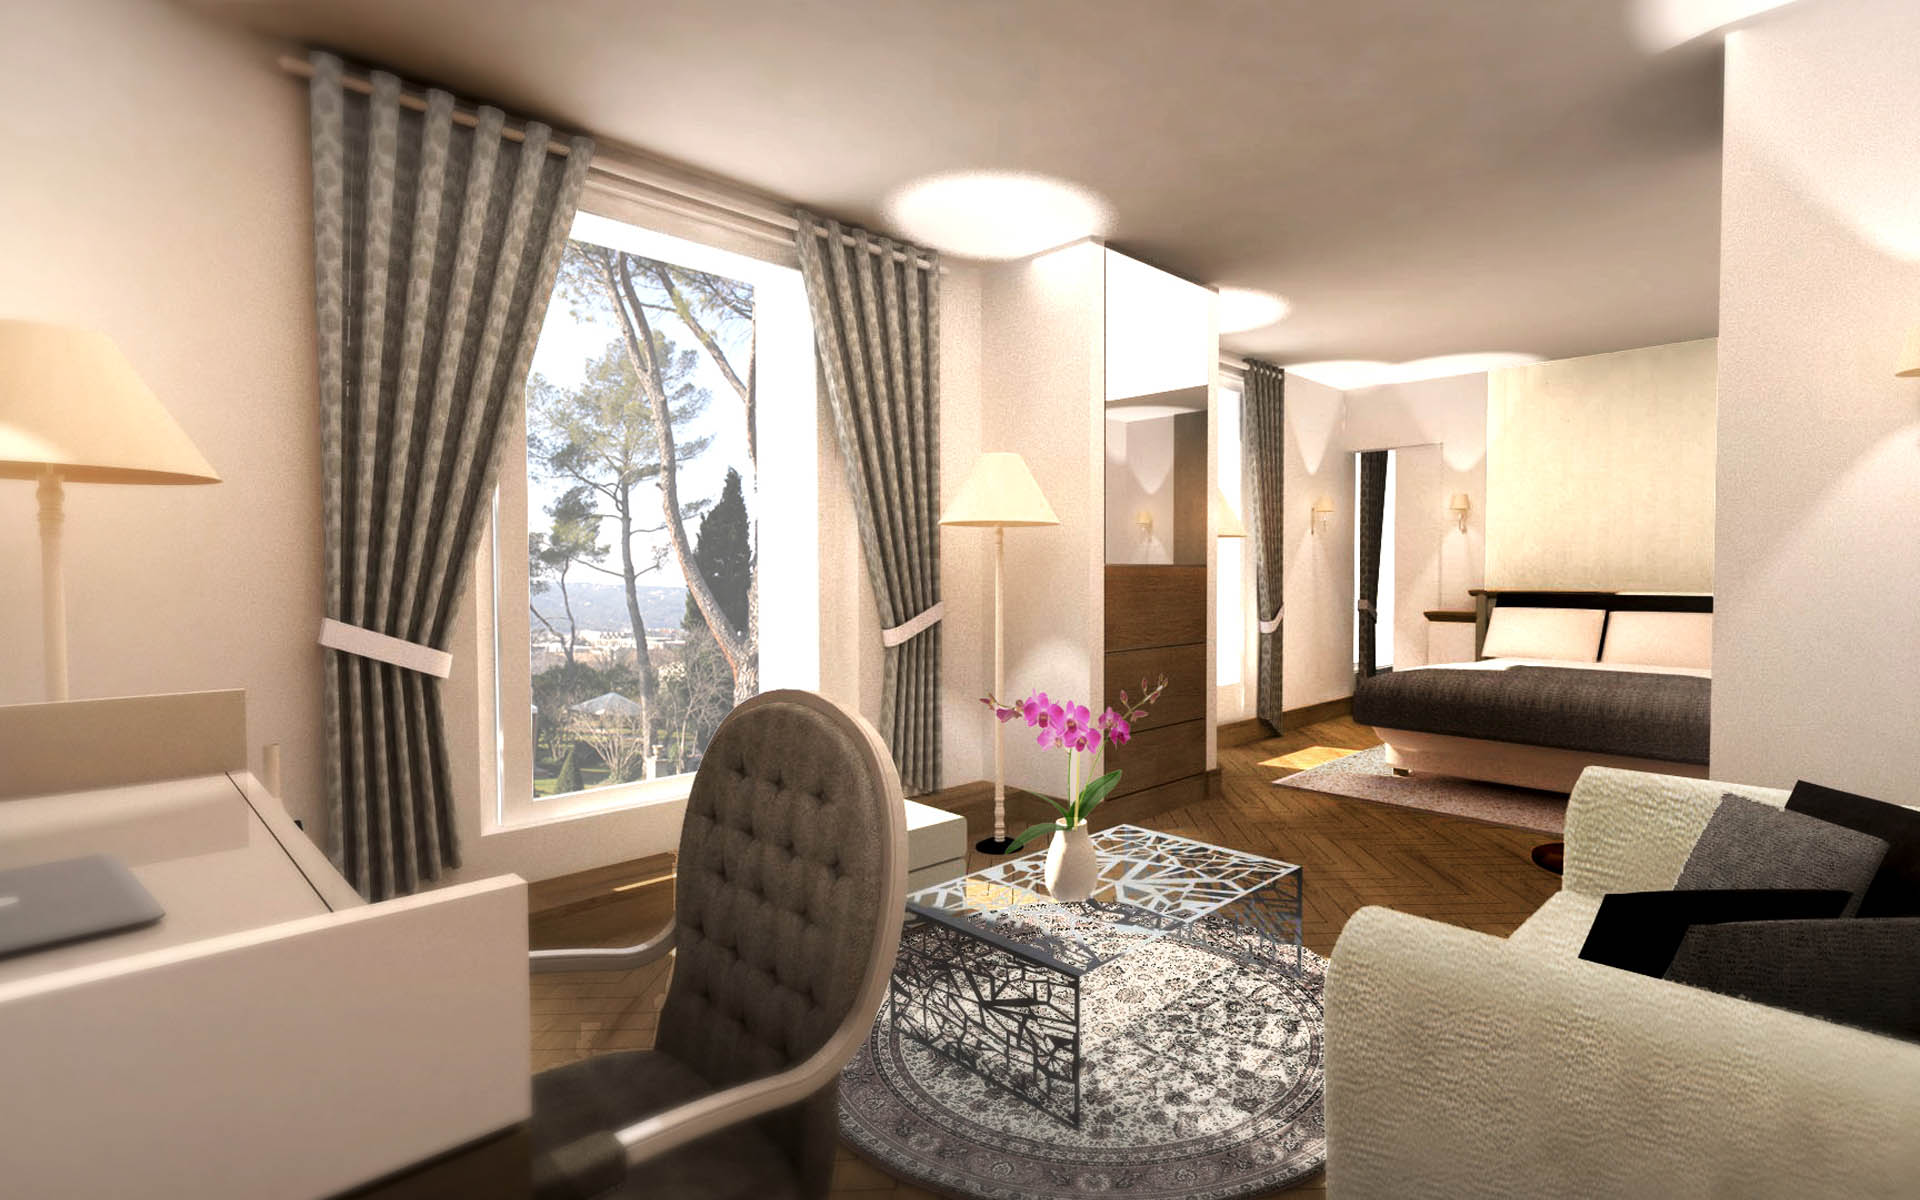 Architecte intérieur Hotel - Aix en provence 11